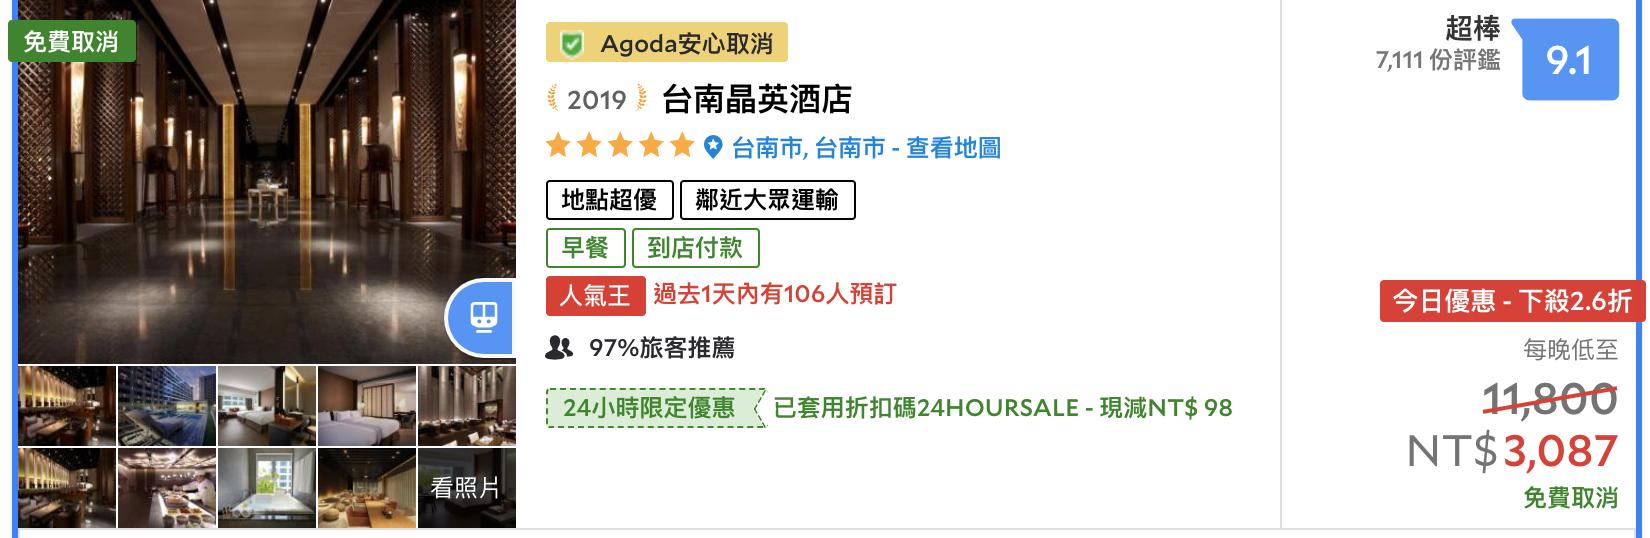 台南晶英連住方案,6,666元起,3天2夜不含早餐~